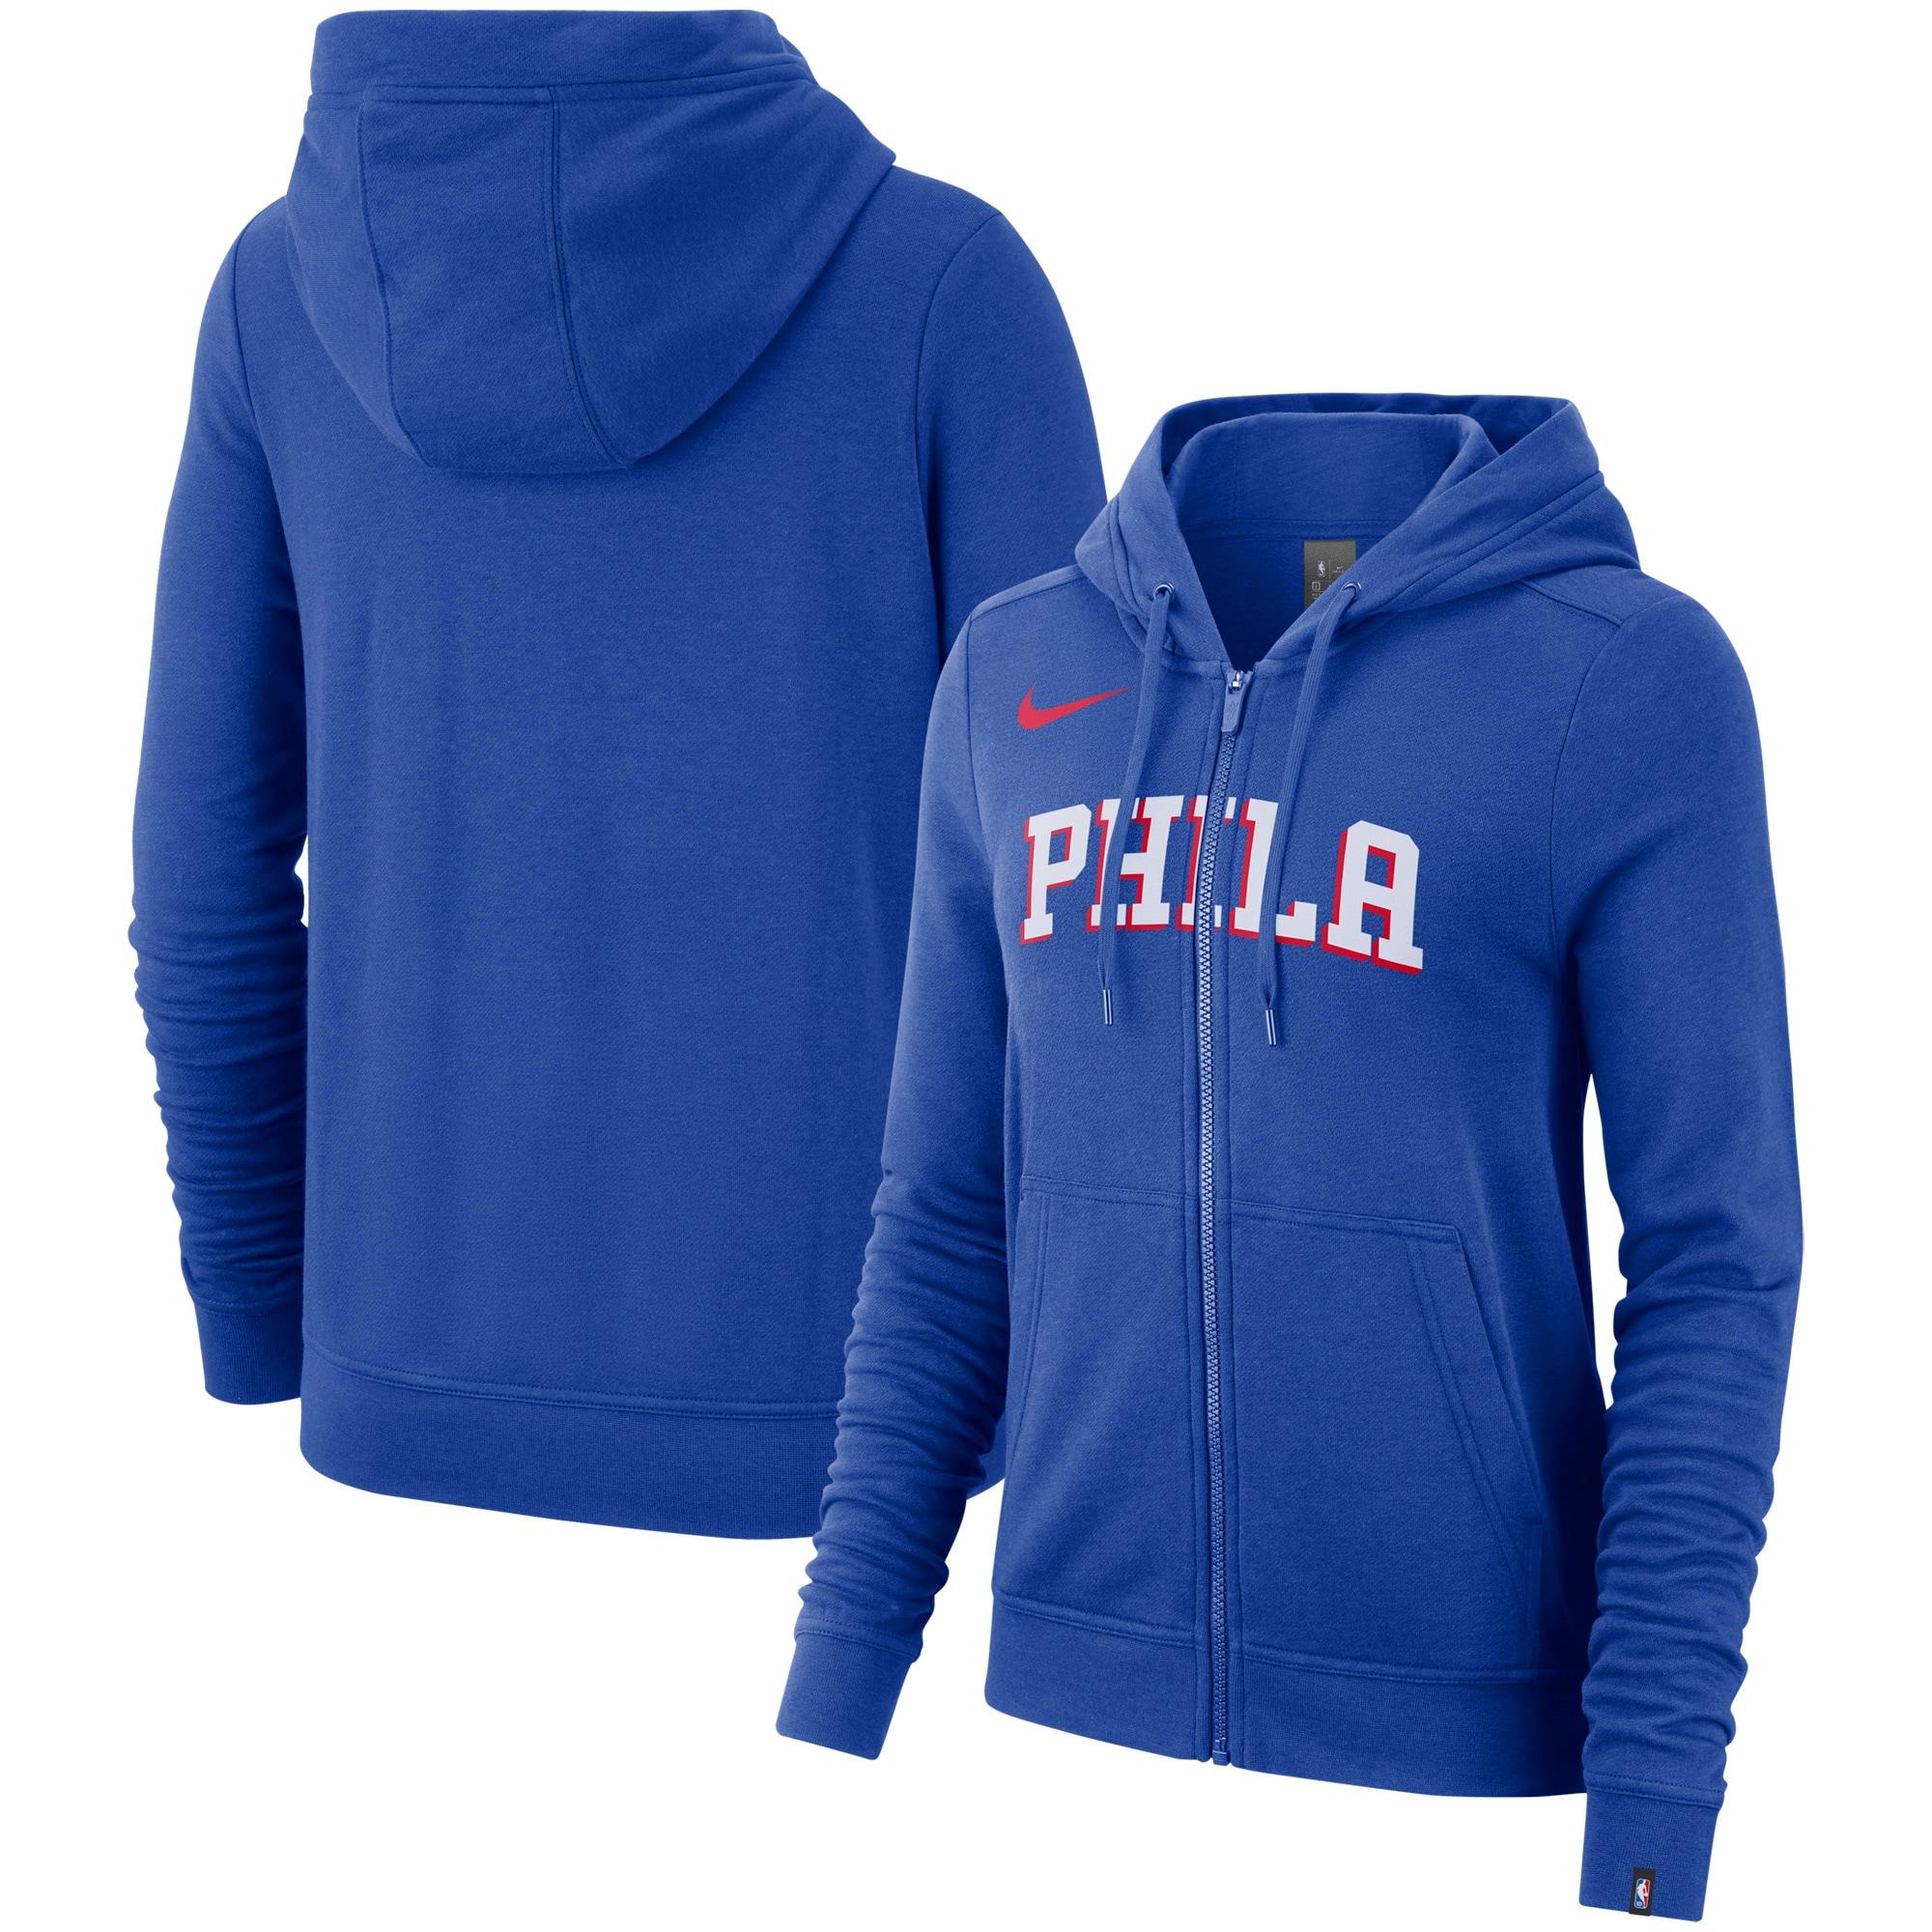 Philadelphia 76ers Nike Women's Essential Wordmark Full-Zip Hoodie - Royal